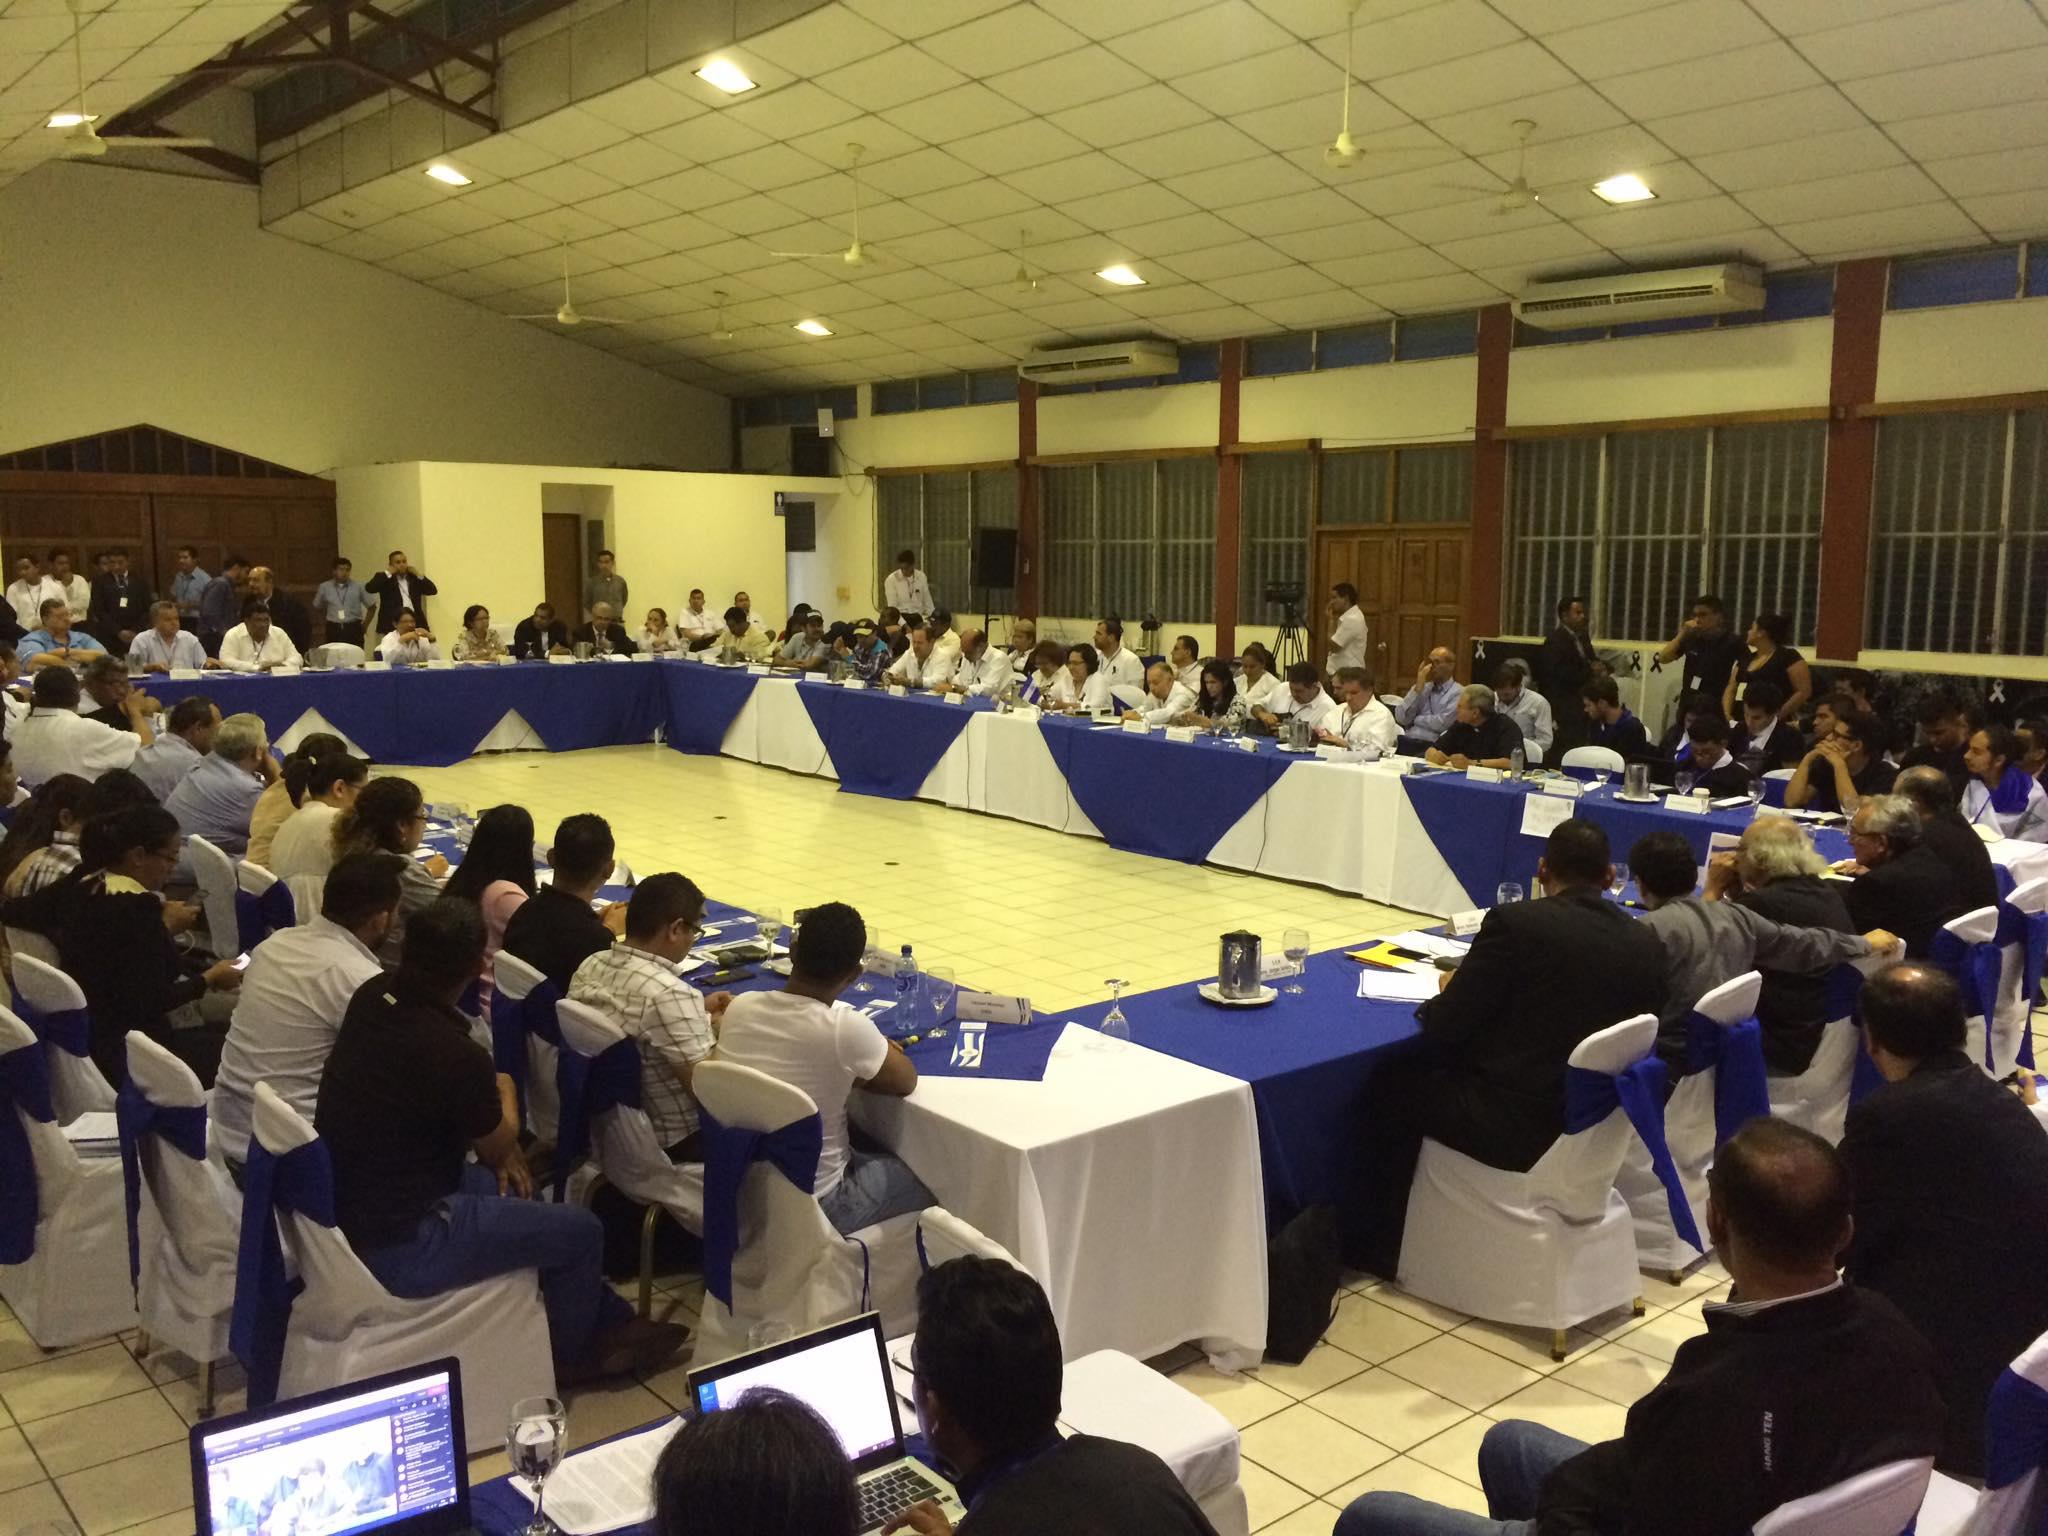 Delegación del Gobierno minimiza asesinatos de 76 nicaragüenses en protestas y centra esfuerzos en suspender tranques. Foto: Cortesía